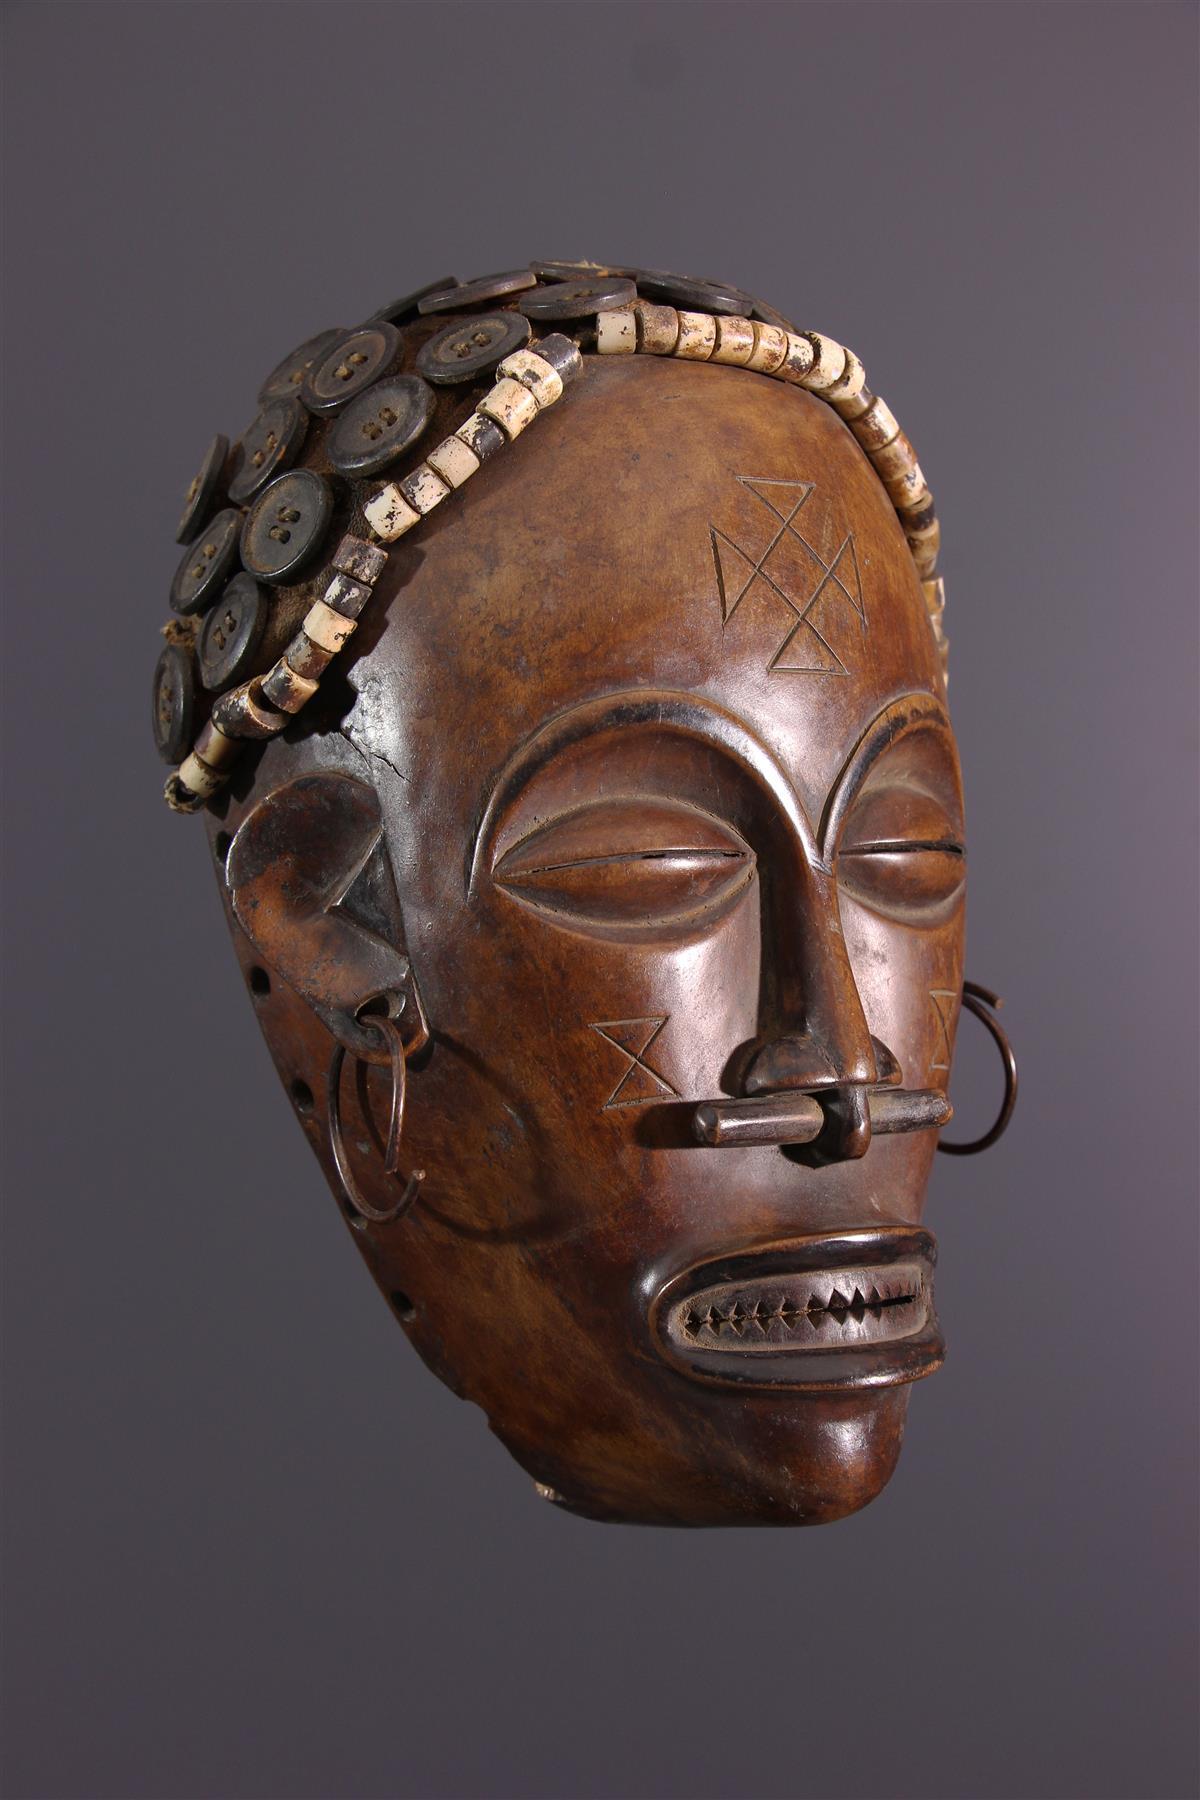 Lovale Masker - Afrikaanse kunst